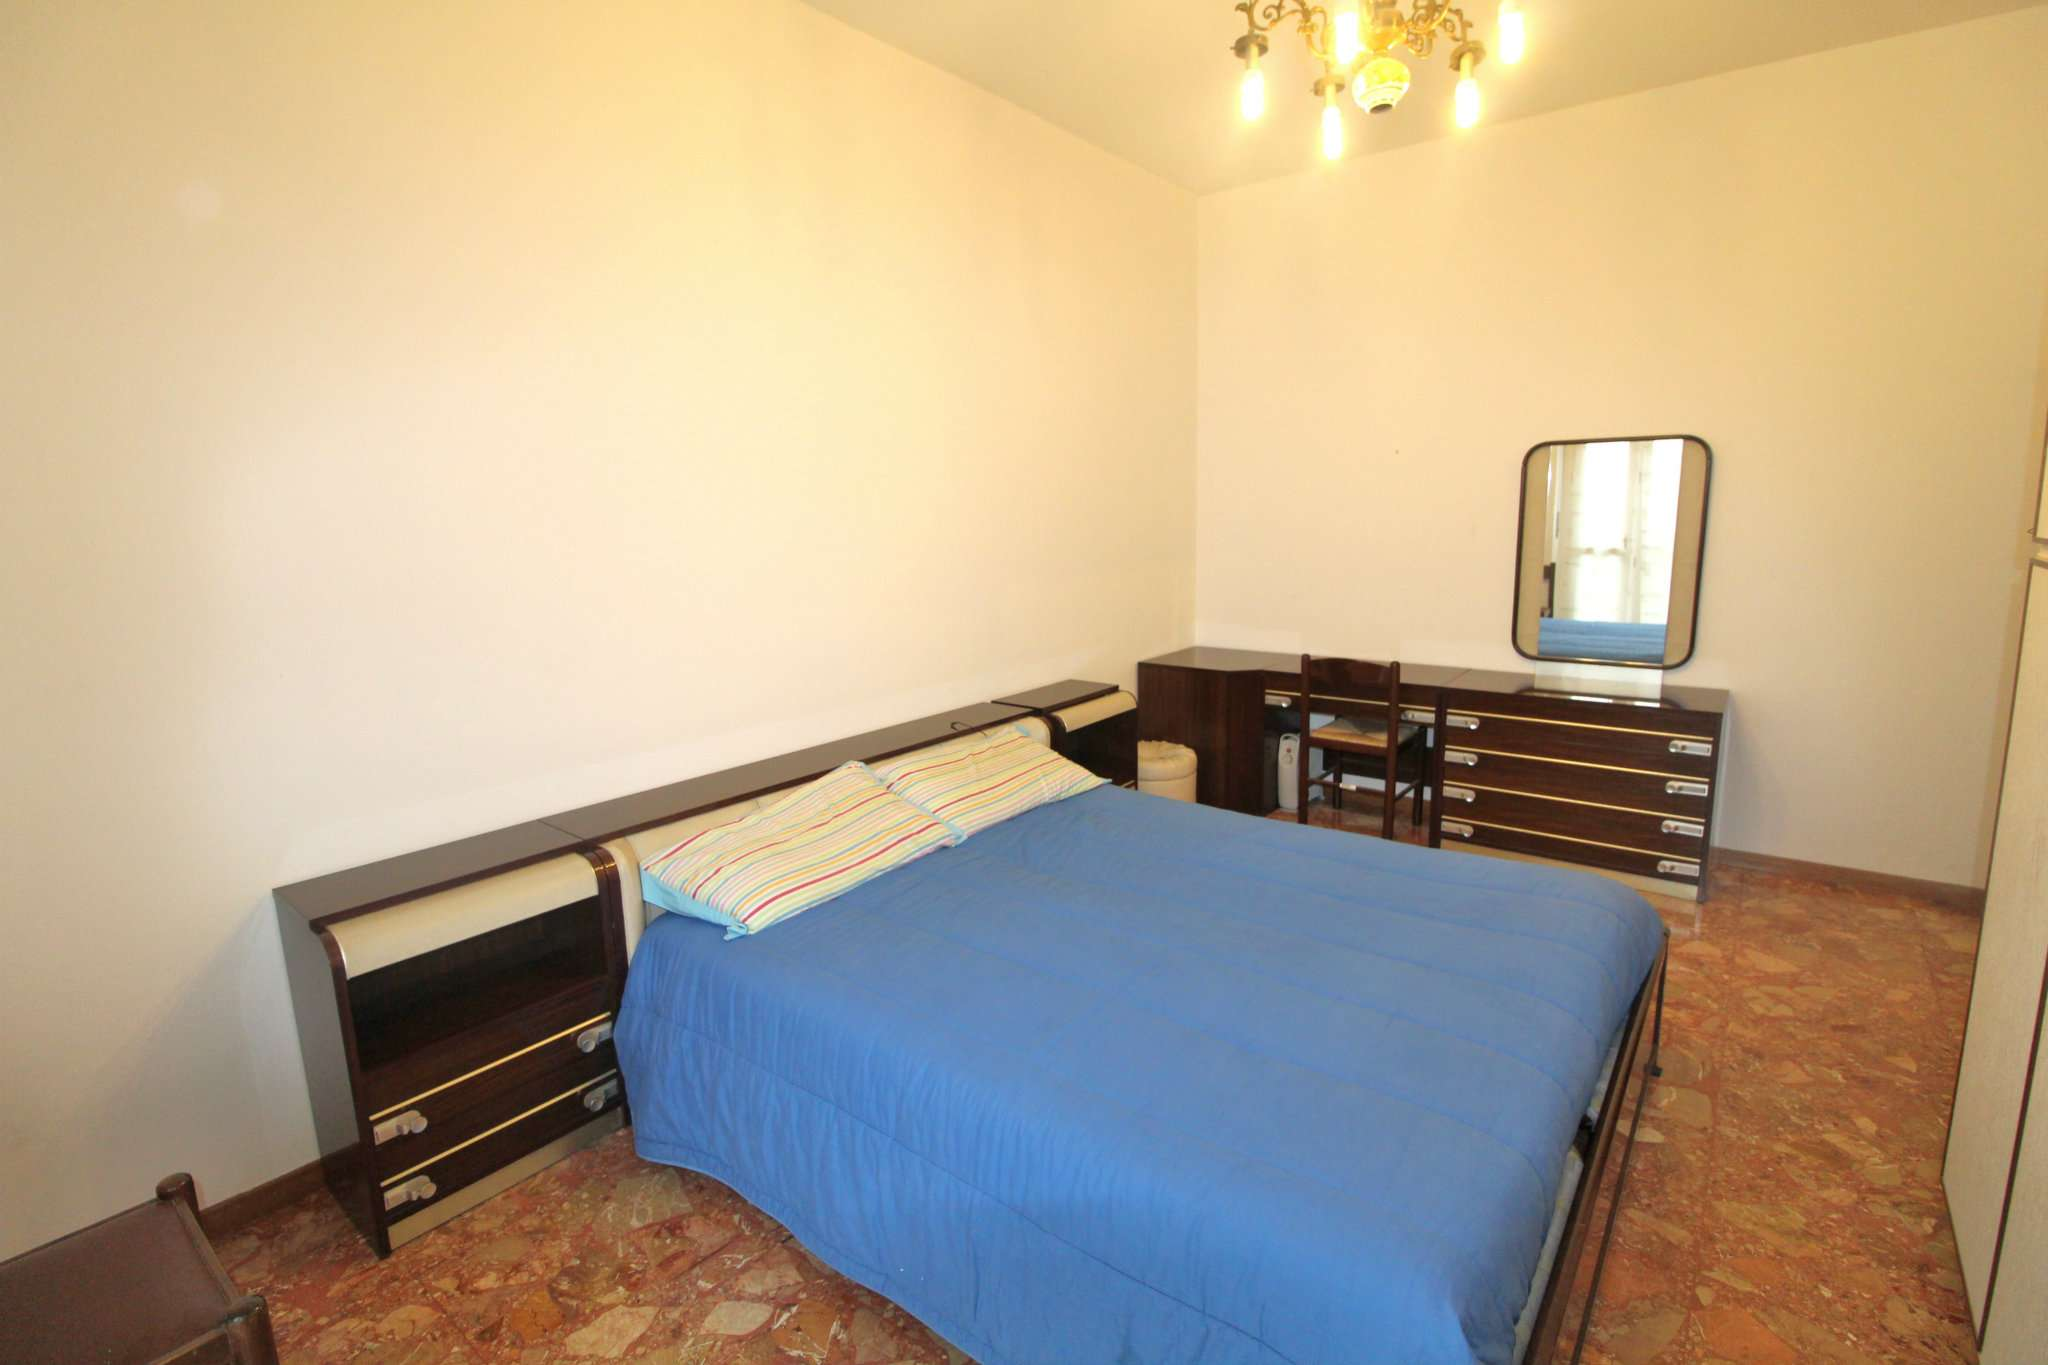 Appartamento in vendita a Vinovo, 3 locali, prezzo € 89.000 | CambioCasa.it